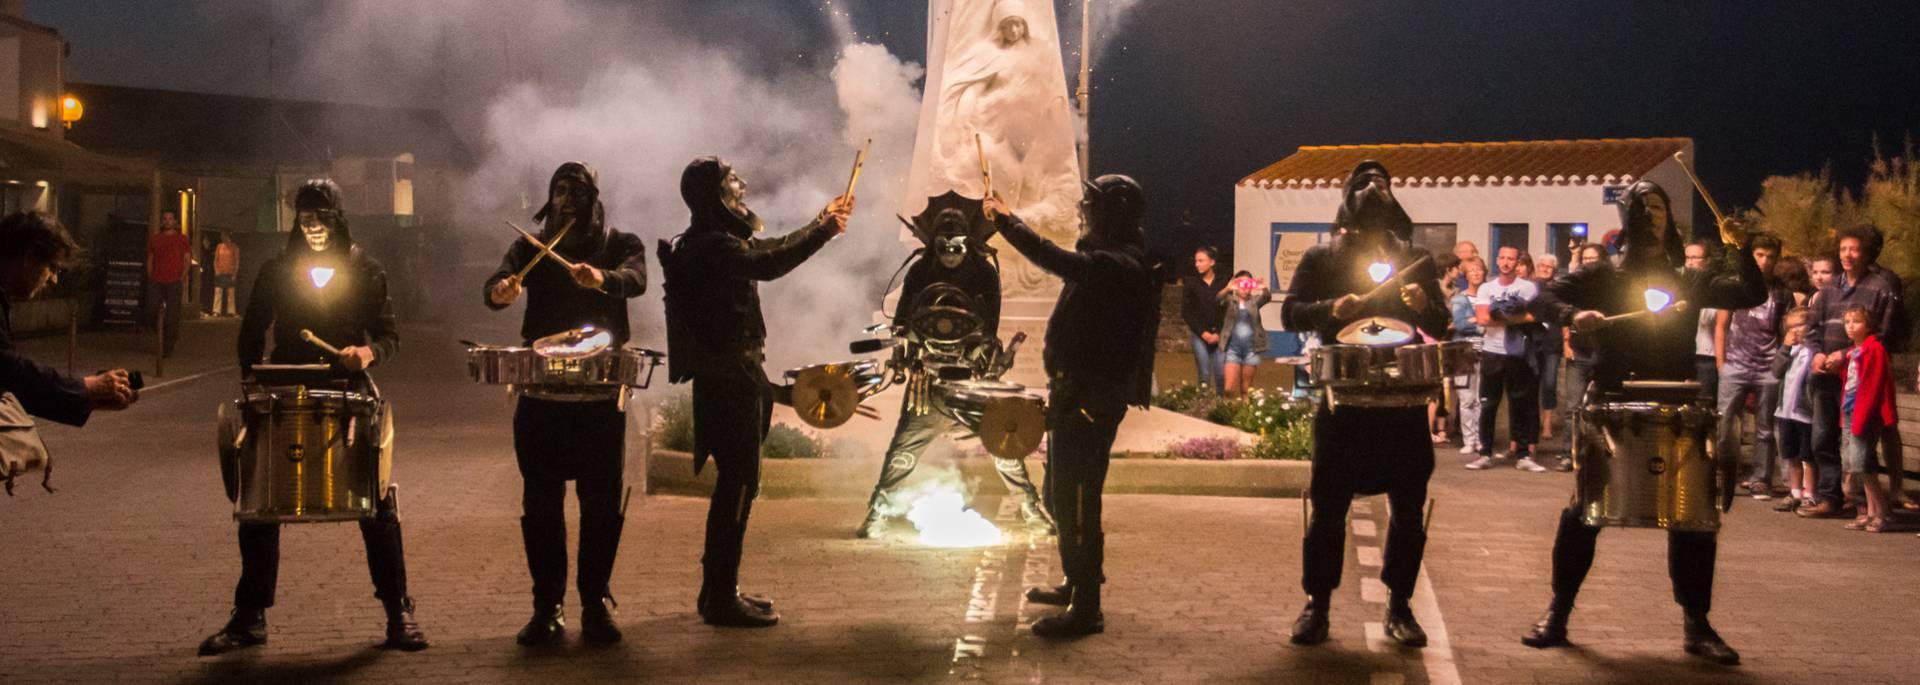 Su à feu, spectacle été 2017, Ile d'Yeu